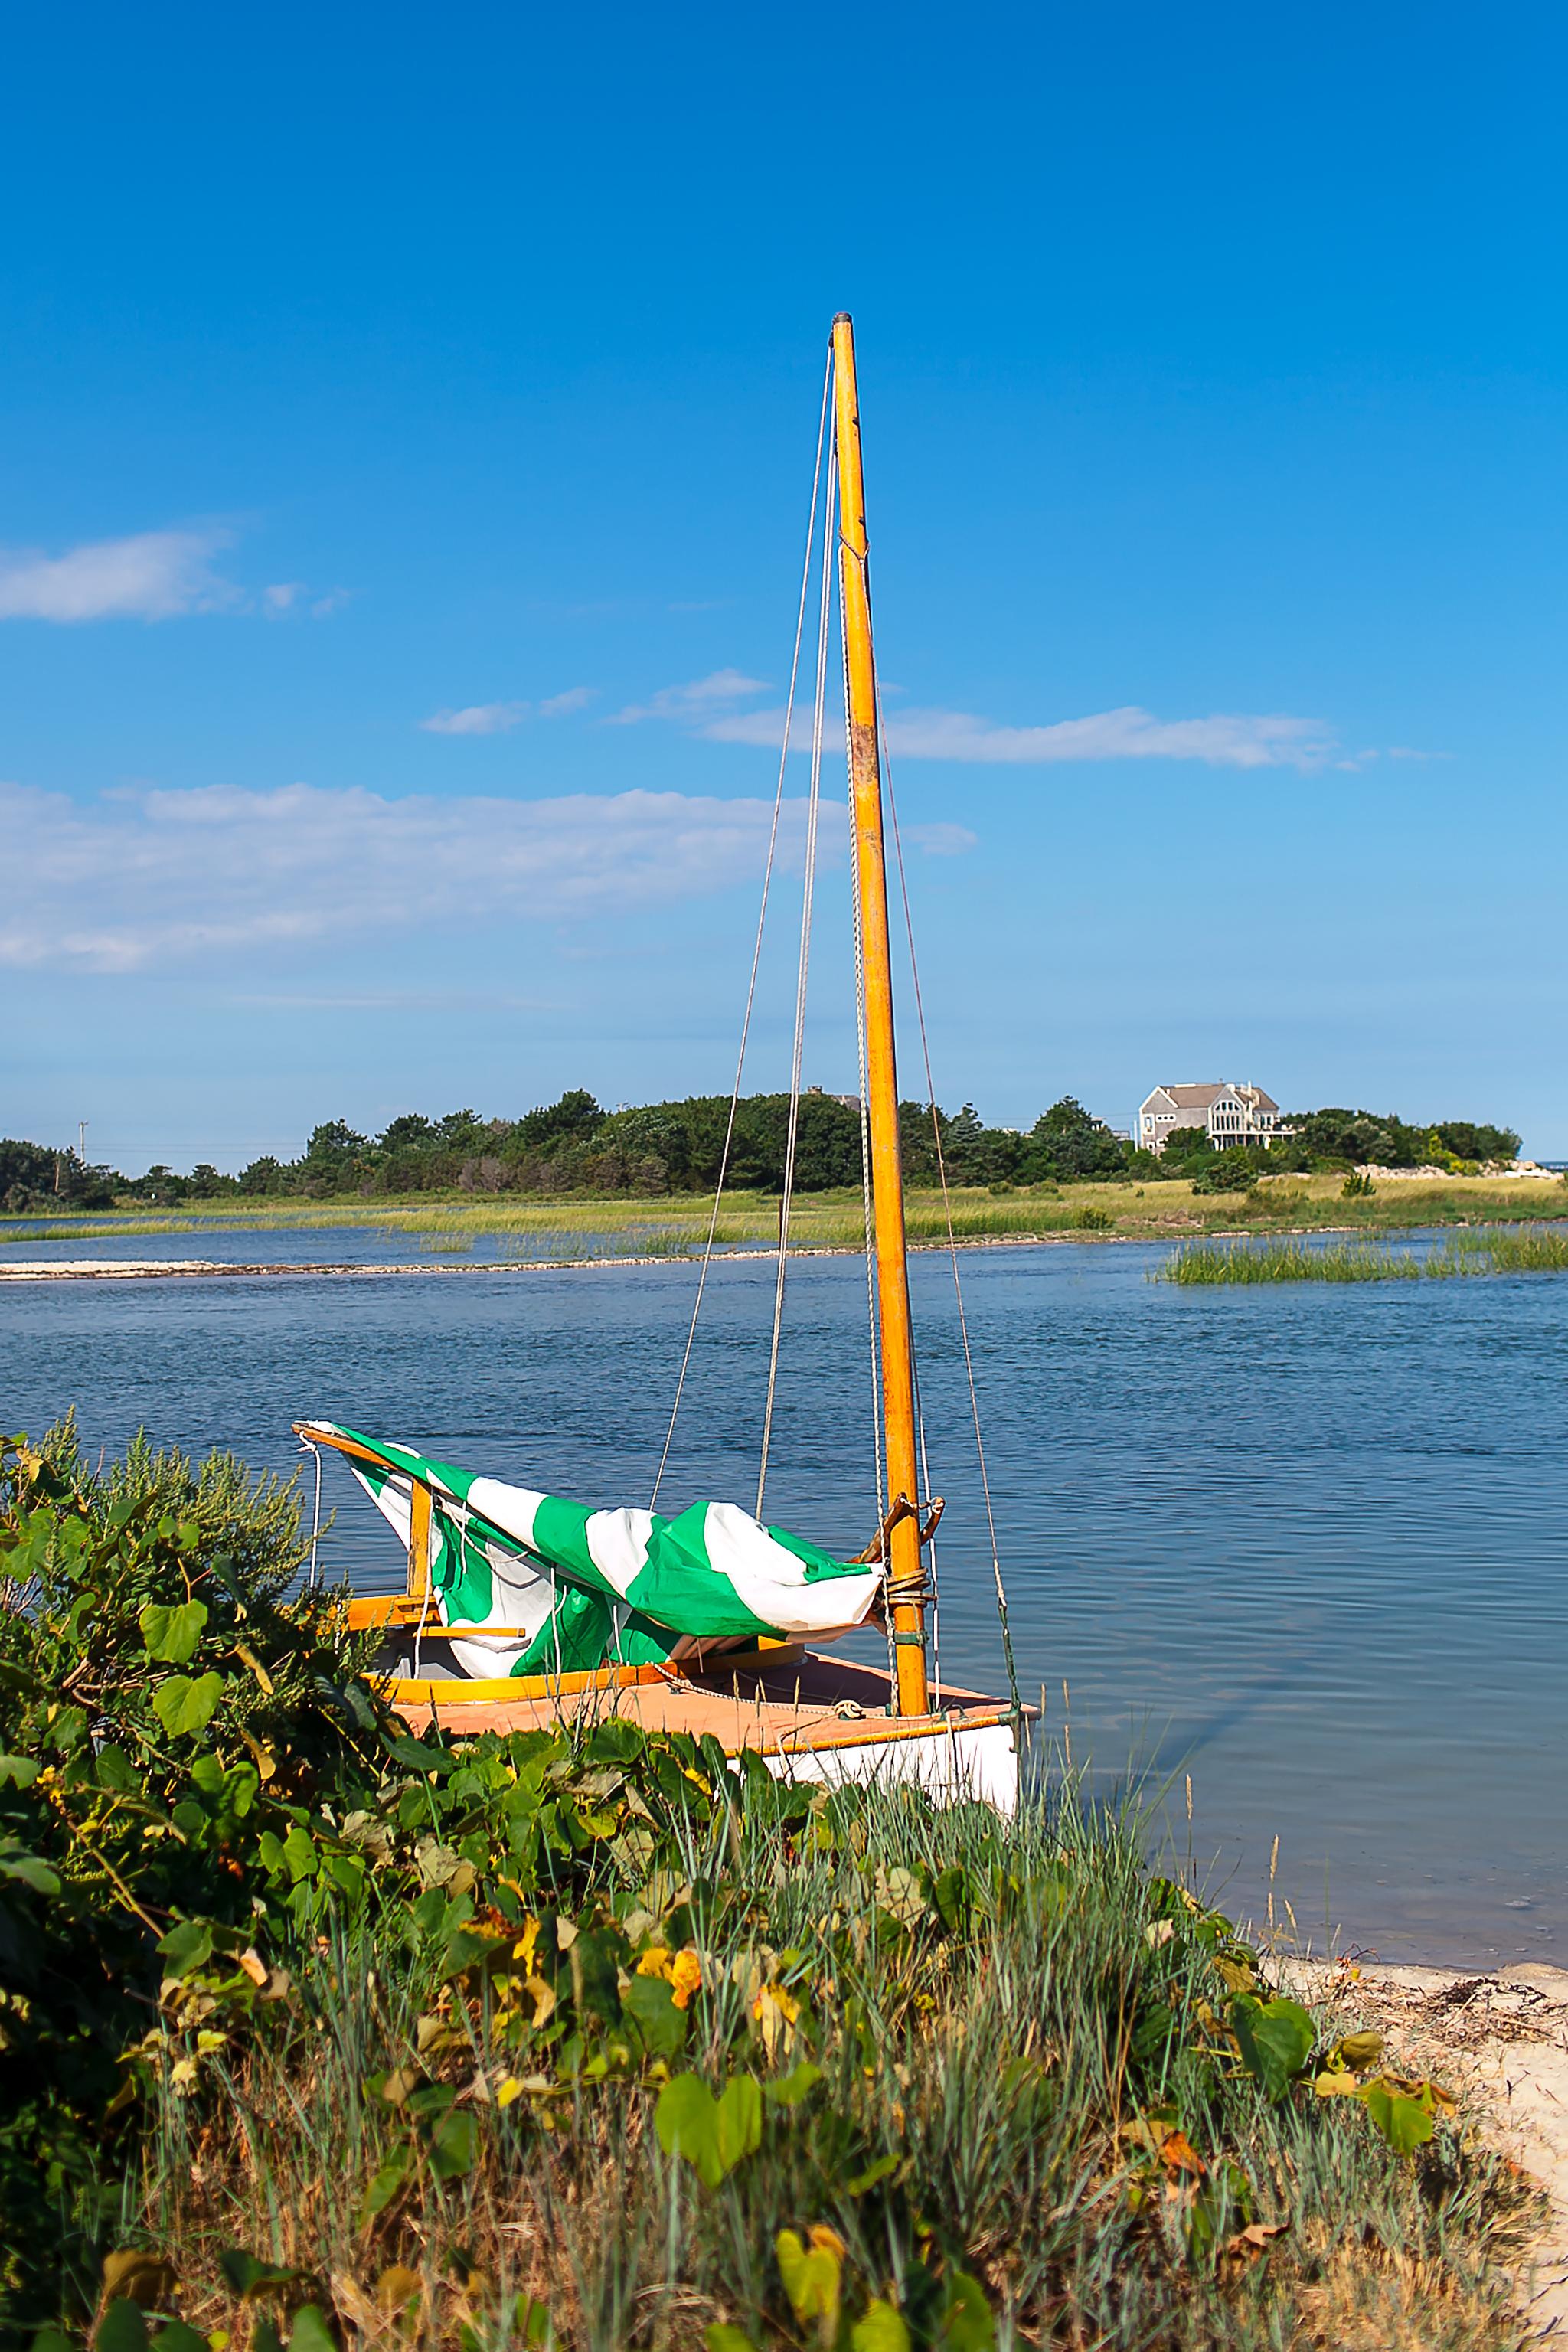 sailboat docked at beach with sail down